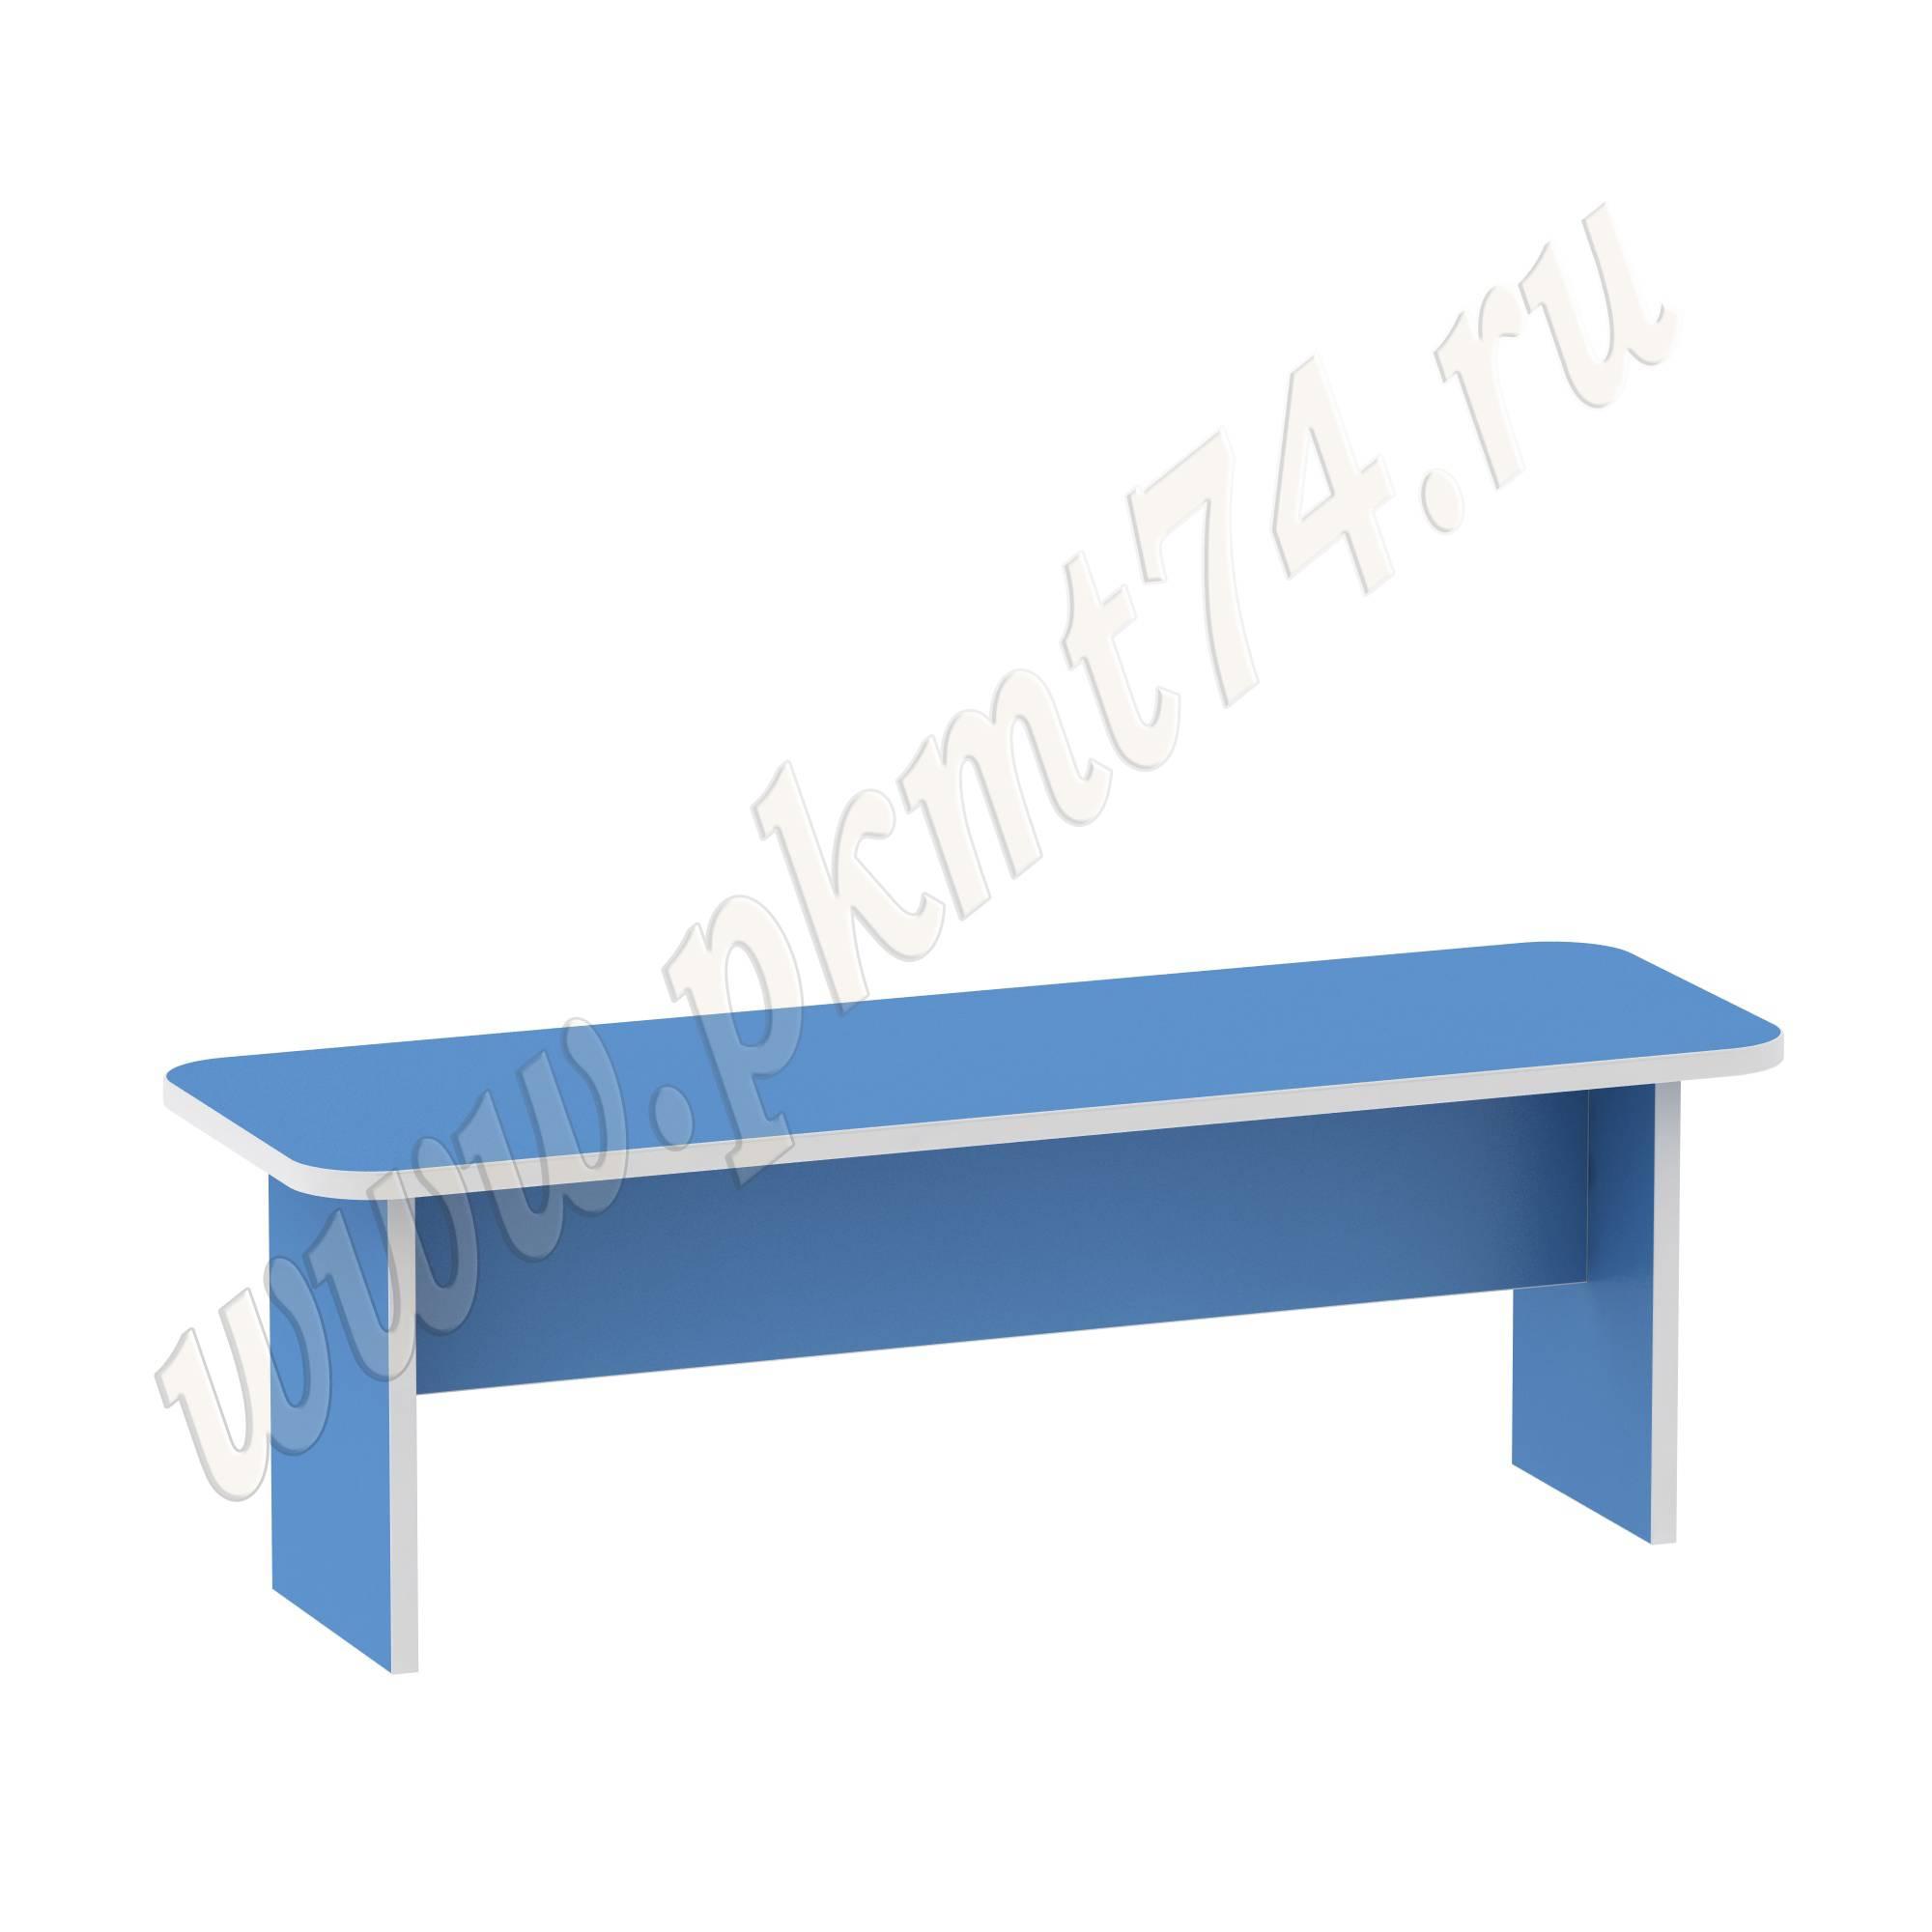 Скамья для одевания голубая МТ 17-72 Светлосиний